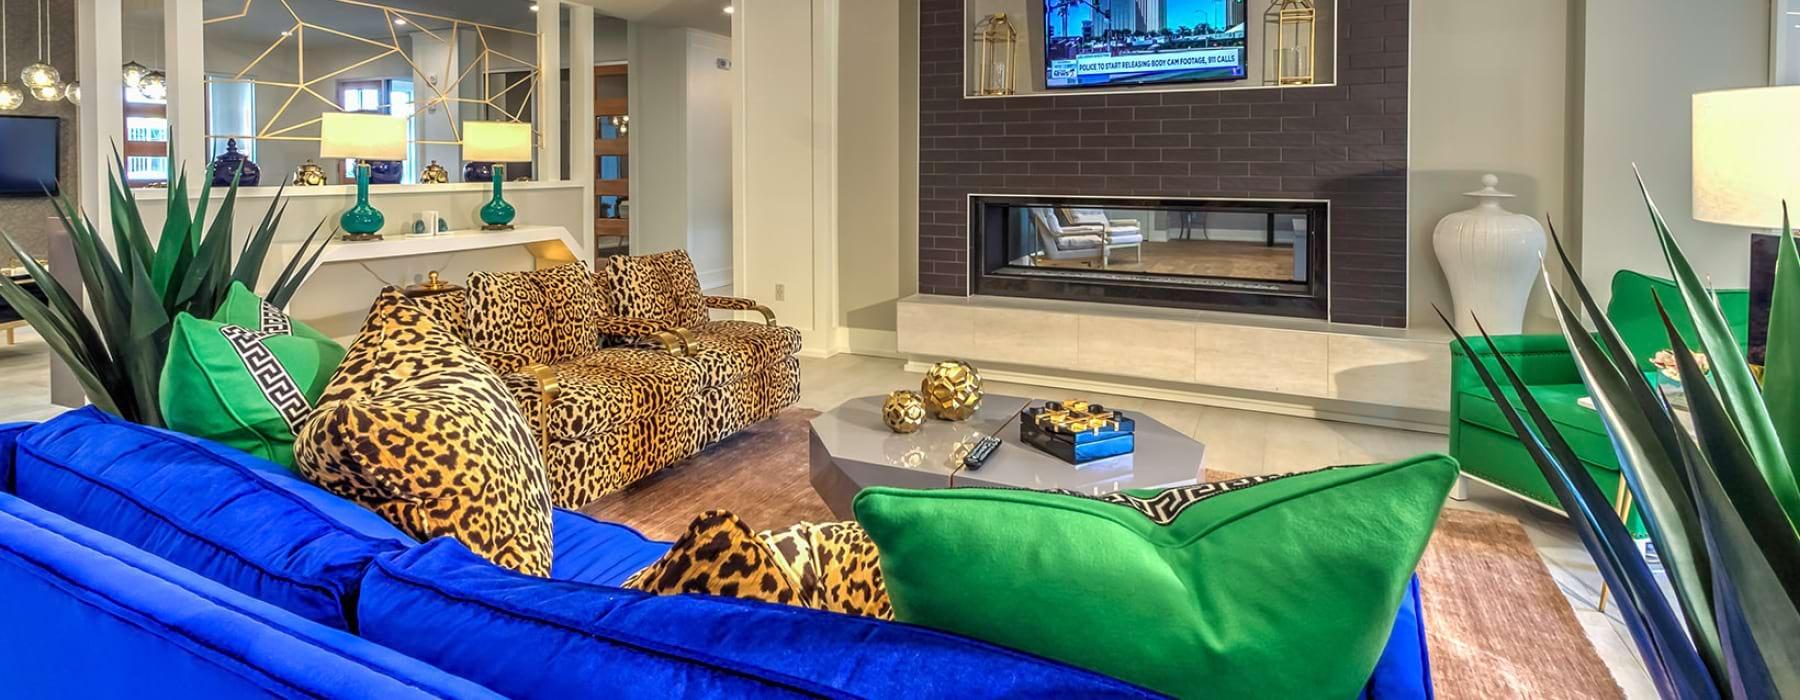 Asientos de sofá de la casa club con televisión colgante y chimenea.